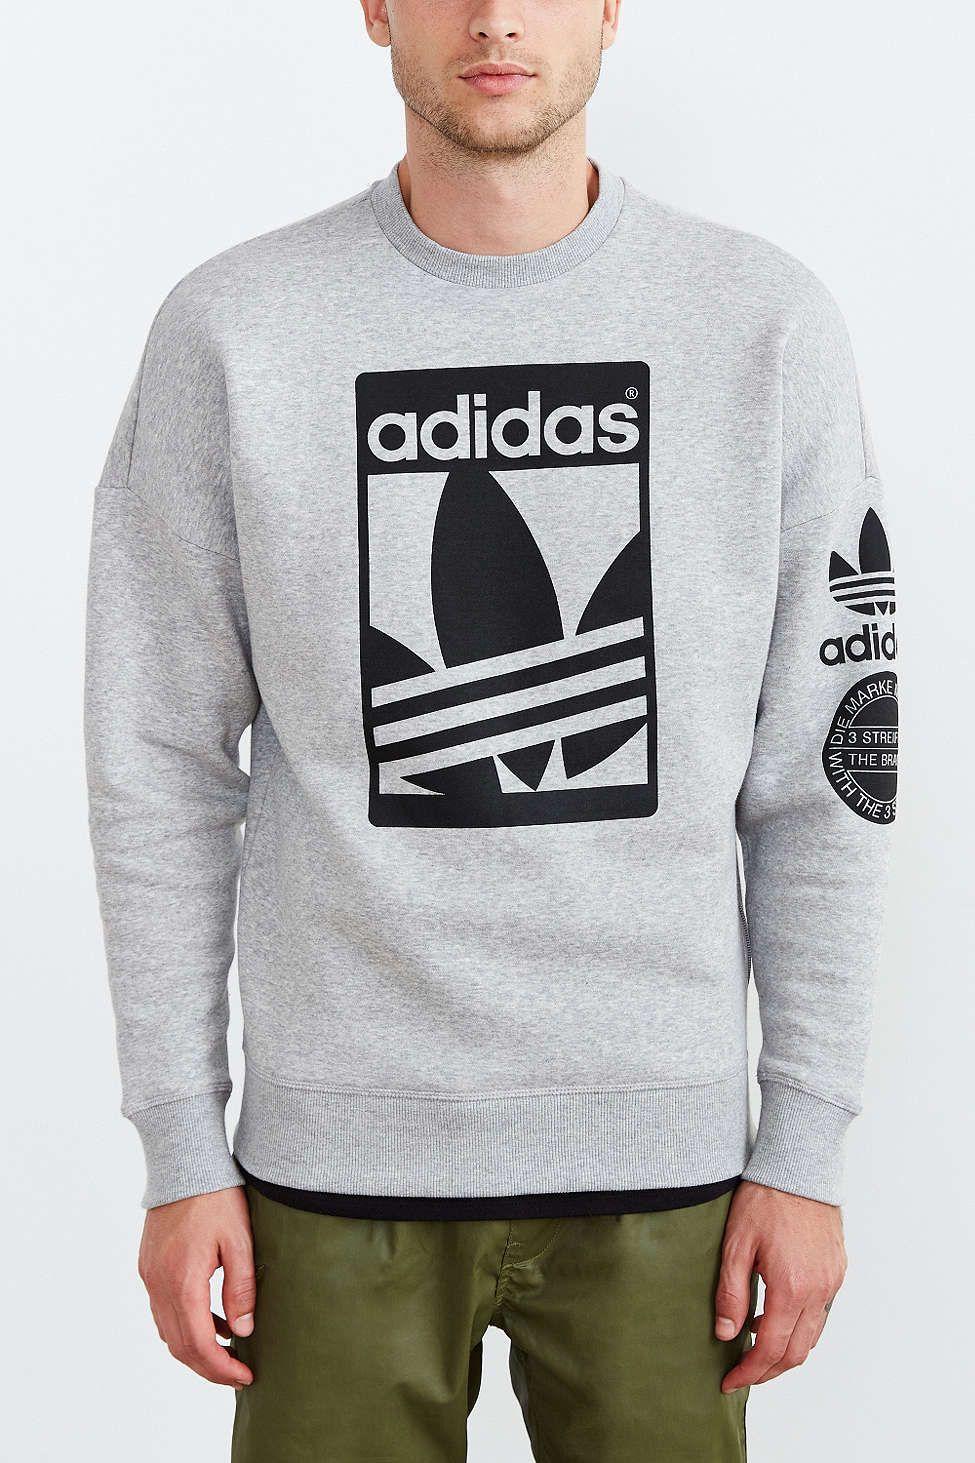 Predownload: Adidas Originals Box Trefoil Graphic Sweatshirt Sweatshirts Graphic Sweatshirt Trendy Shirts [ 1463 x 975 Pixel ]